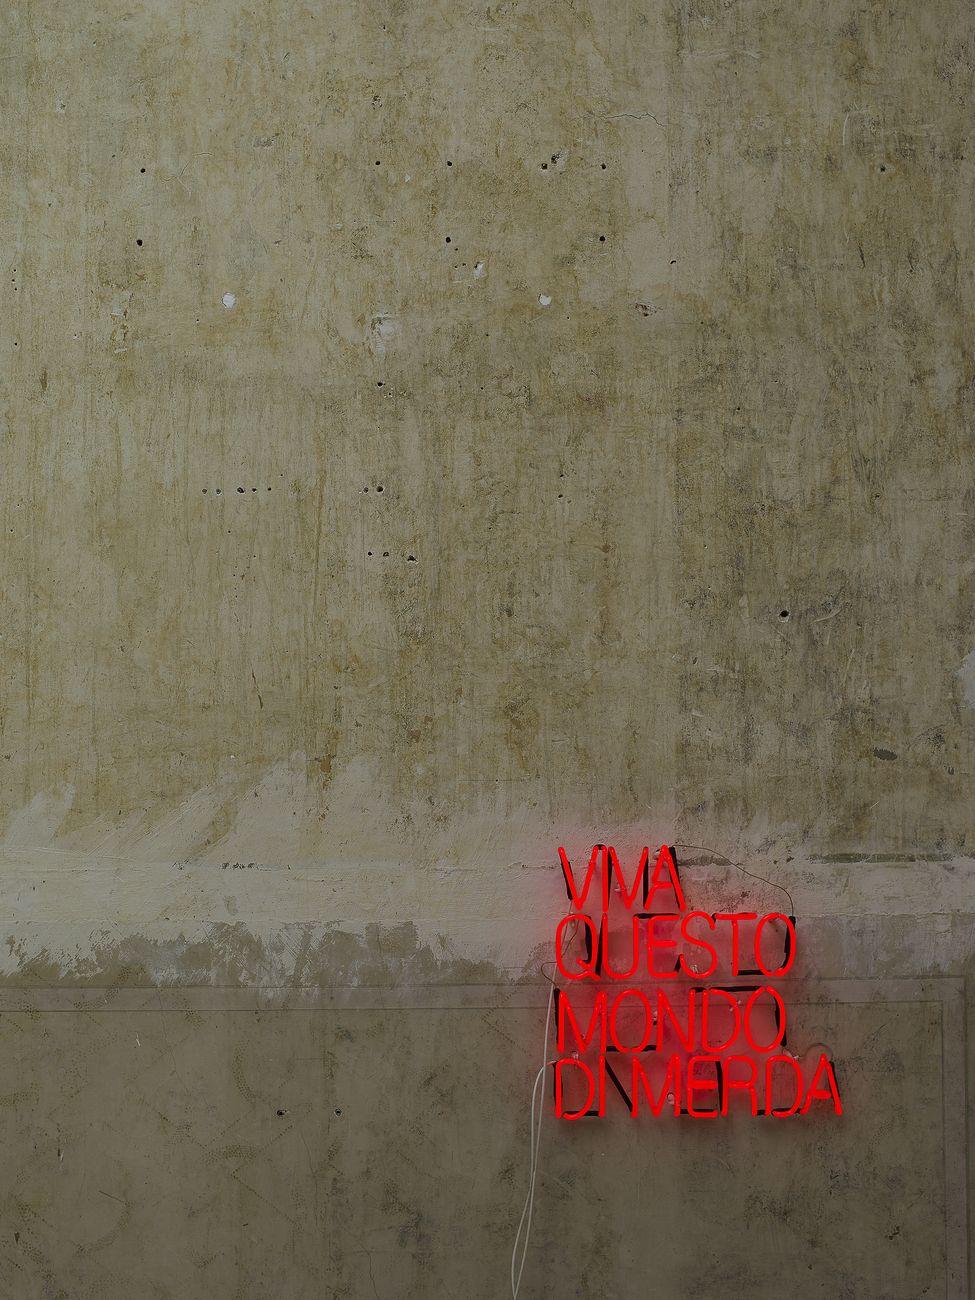 Serena Fineschi, Viva questo mondo di merda, 2012 18. Collezione privata. Installation view at M12 Gallery, Bruxelles. Photo credit Geert De Taeye